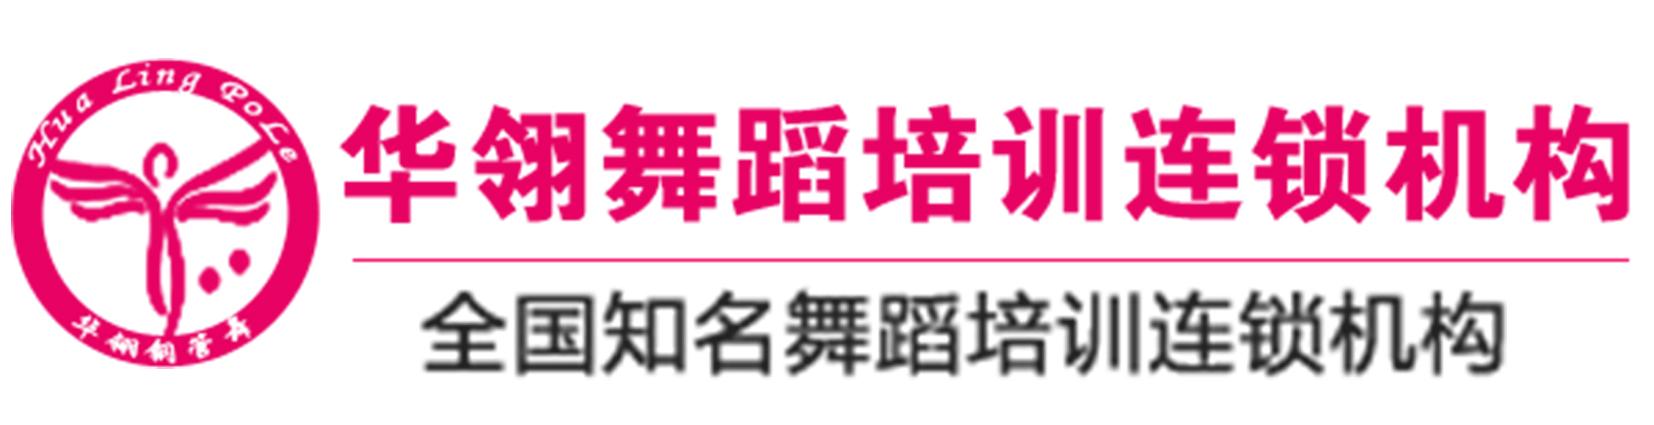 金华人民东路华翎舞蹈培训机构logo